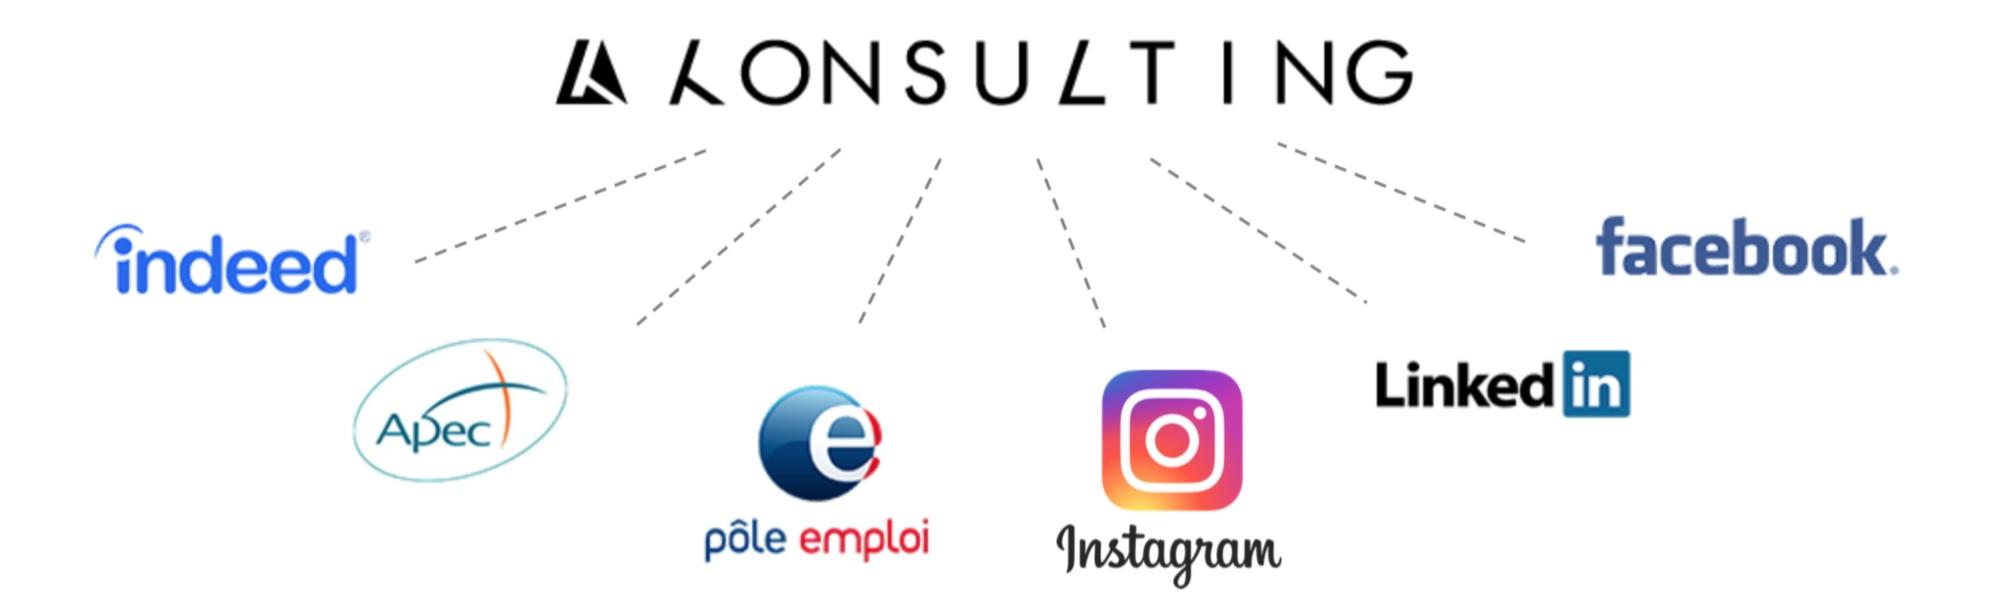 LK Konsulting travaille au quotidien avec des outils performants et innovants, en relation étroite avec les entités leaders du marché.